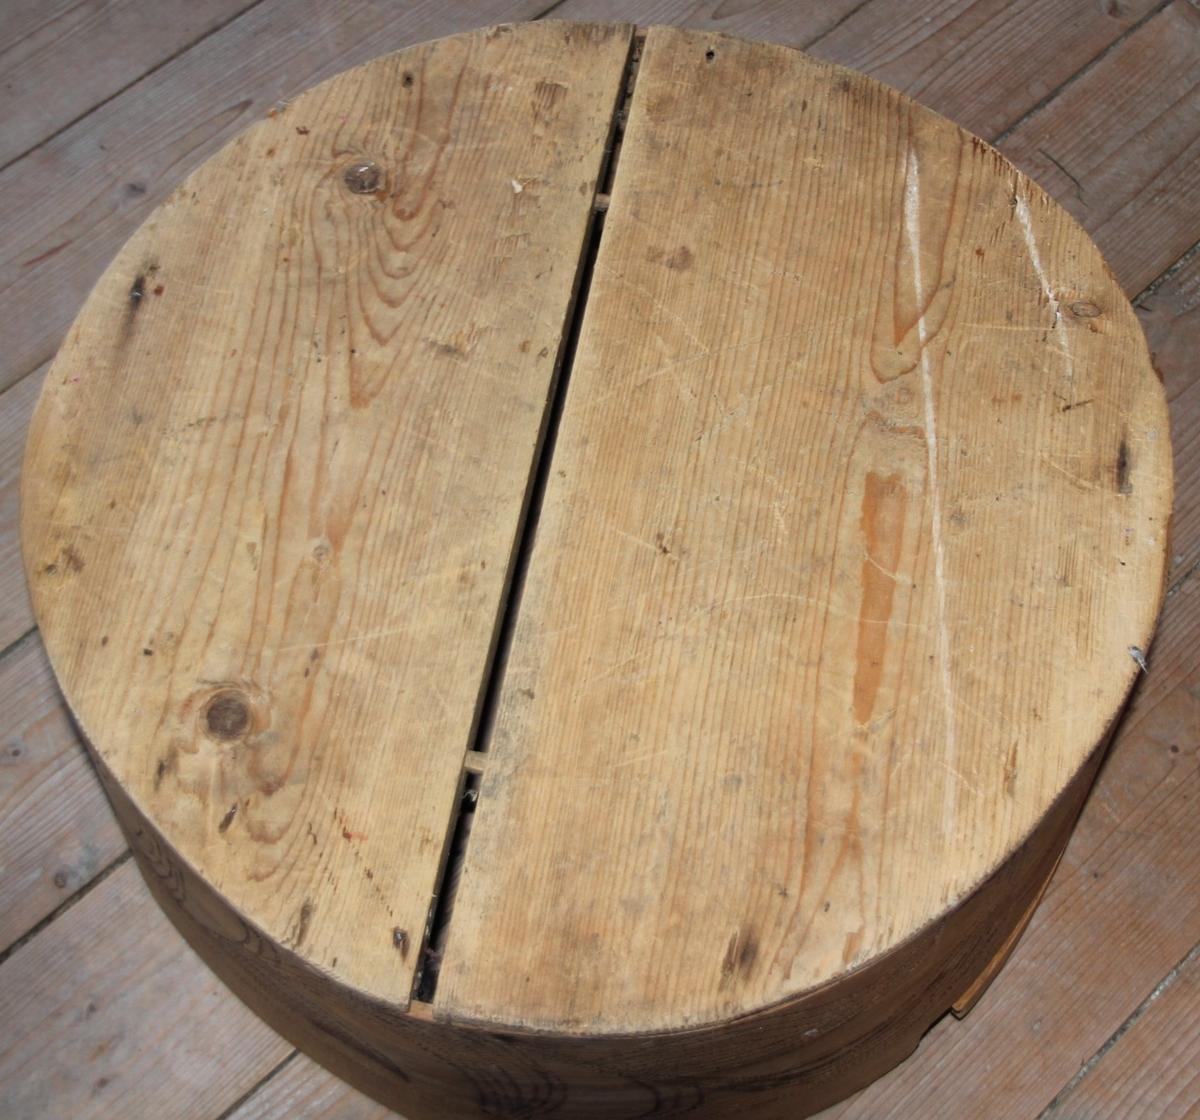 Rund ask med lok. Sveipa. Svidekor med seksbladsrose på loket. Rankemotiv. Asken er sett saman med trepluggar.Lokket og botn er i to delar. Loket har ein kant som går utanpå sjølve asken.